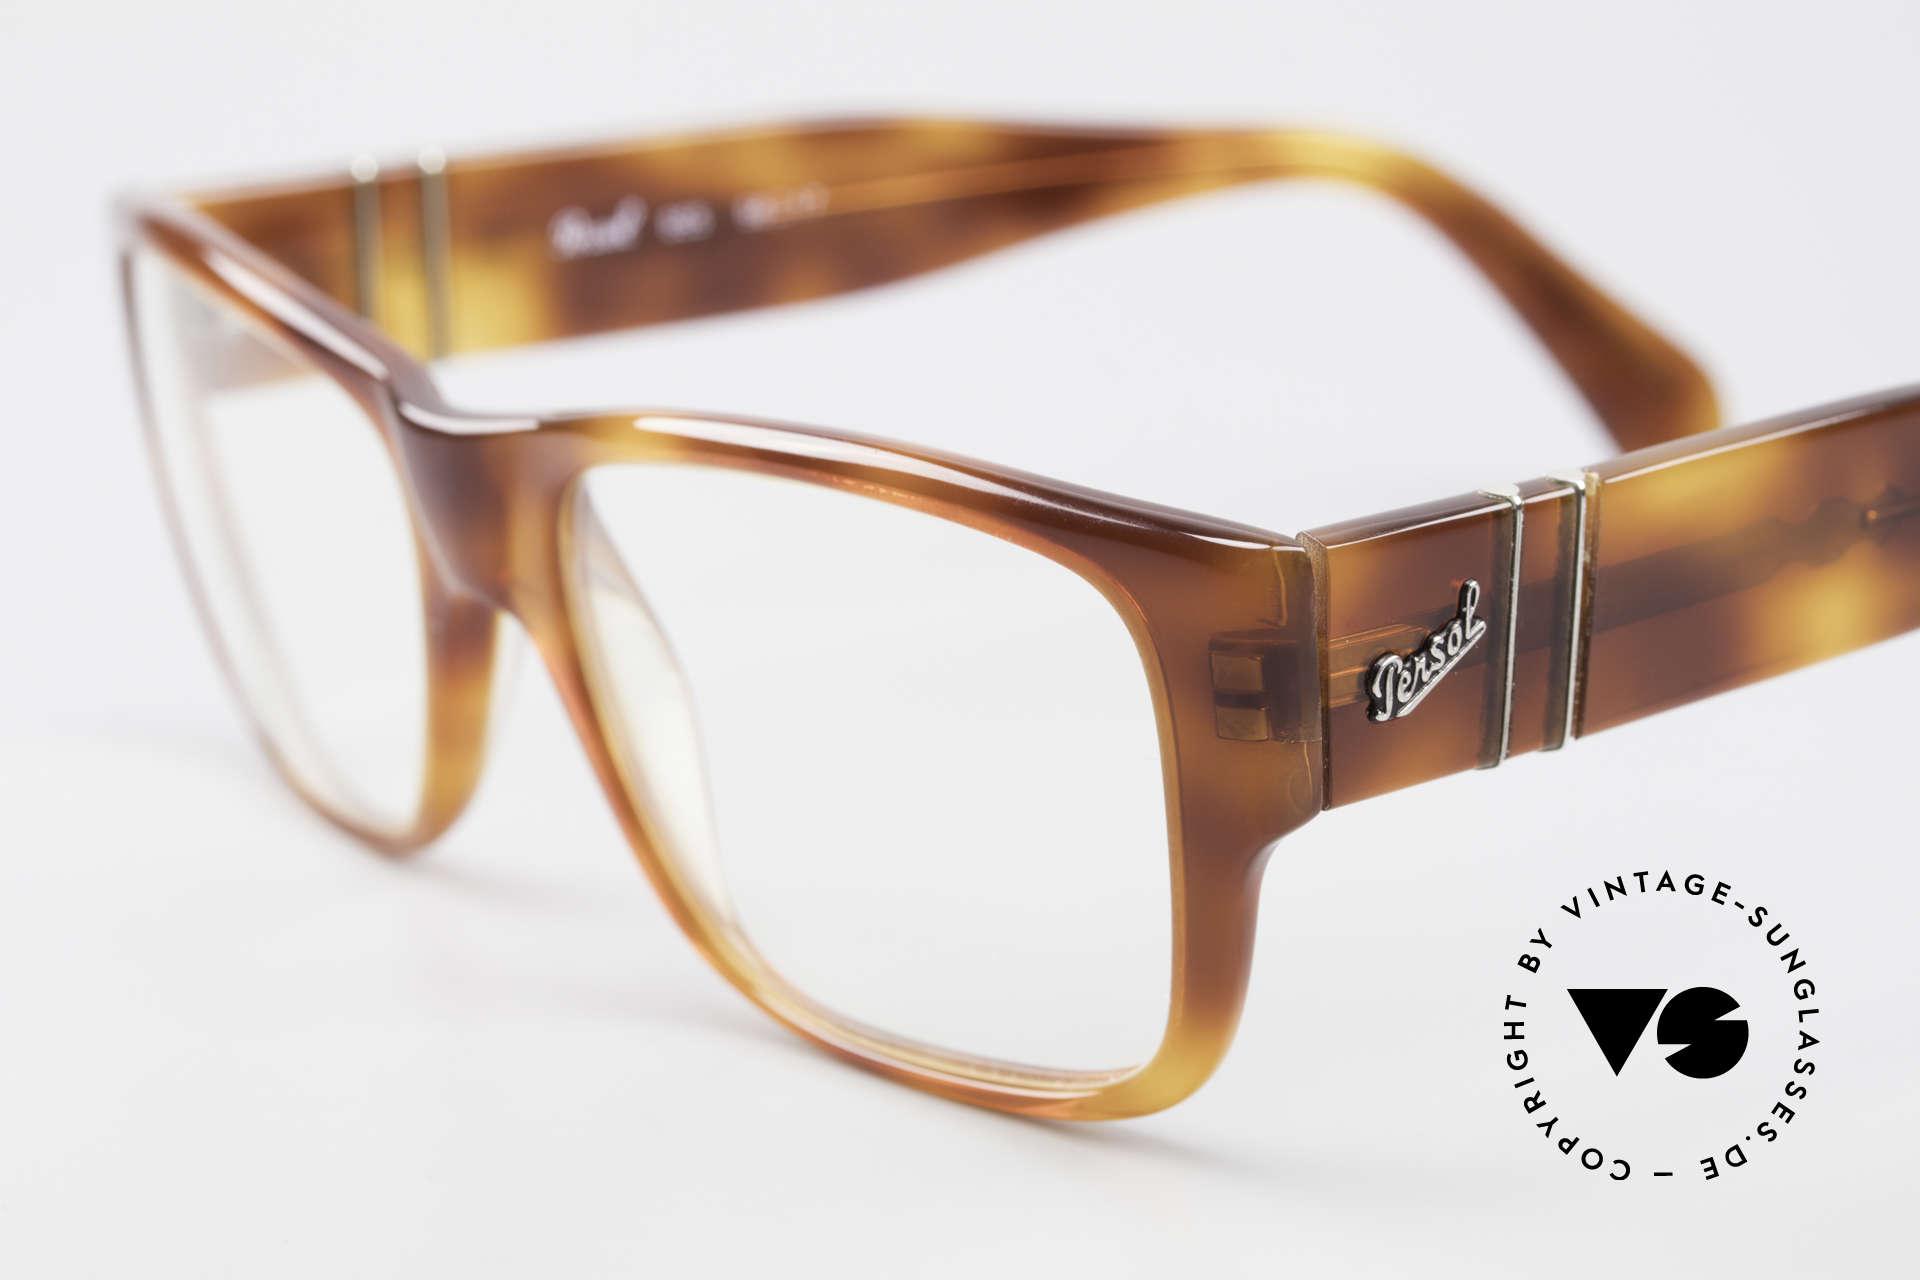 Persol 855 Markante Herren Vintage Brille, ungetragen (wie all unsere vintage Persol Brillen), Passend für Herren